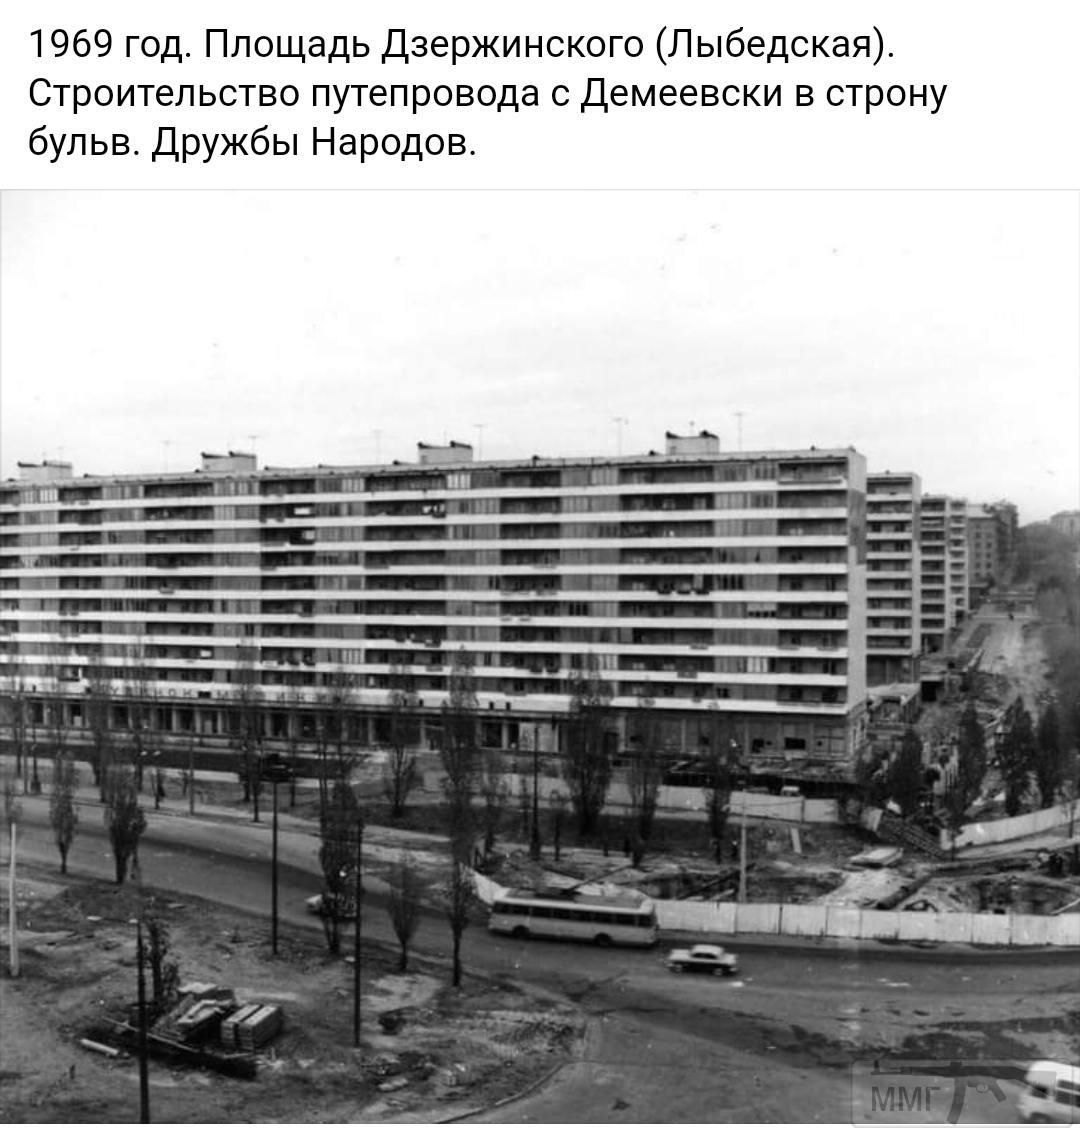 88001 - Мальовнича Україна.